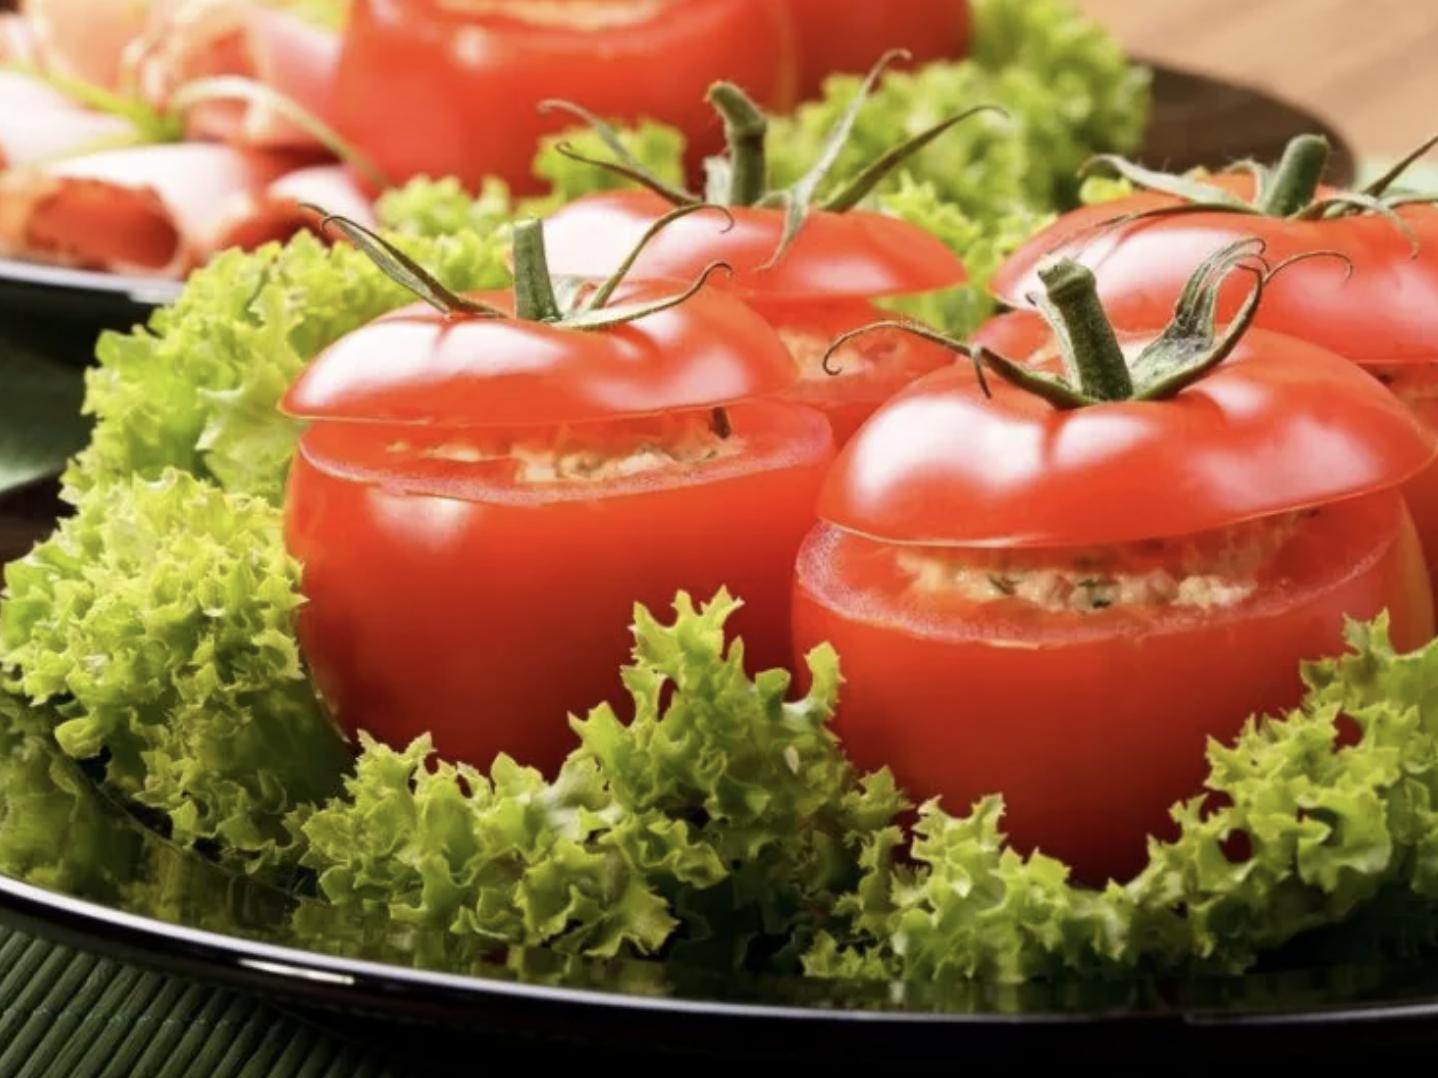 Легкий салат в запеченном помидоре. Рецепт оригинального блюда из привычных продуктов